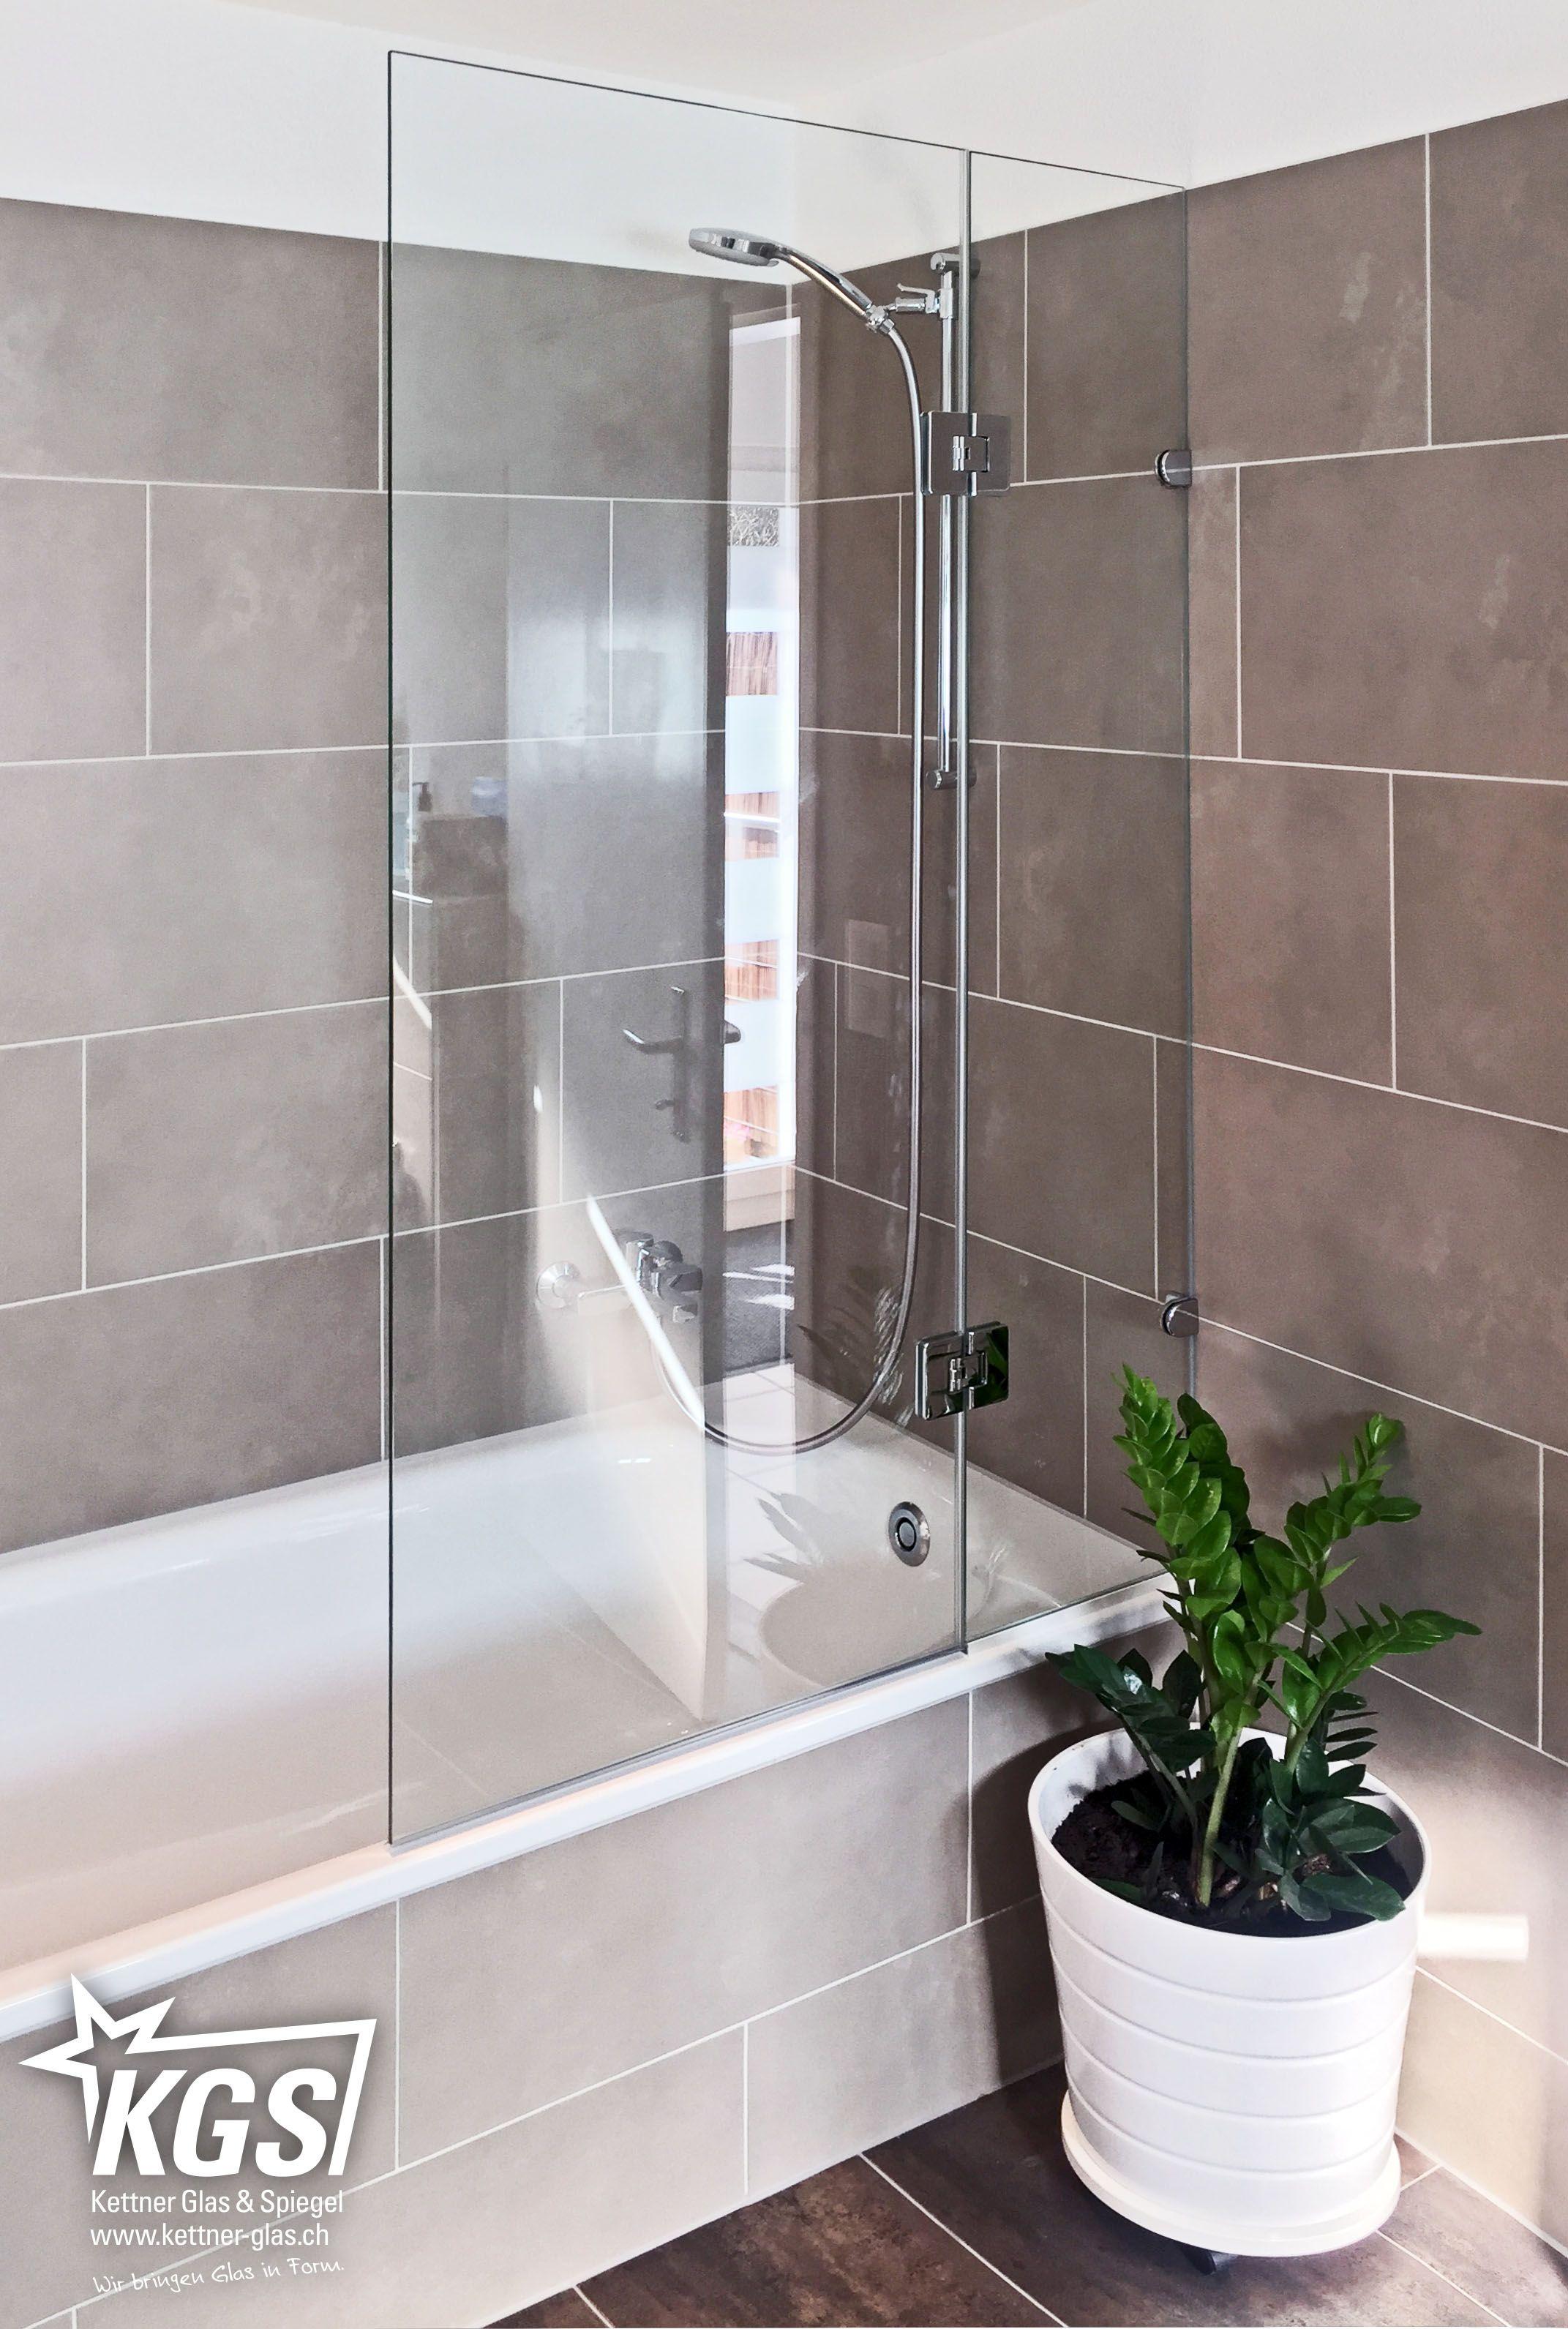 Badewannen Duschtrennwand Mit Pendelture Mit Schlichten Glashaltern In Chrom Glanz Optik Duschbadewanne Badewanne Glaswand Badewanne